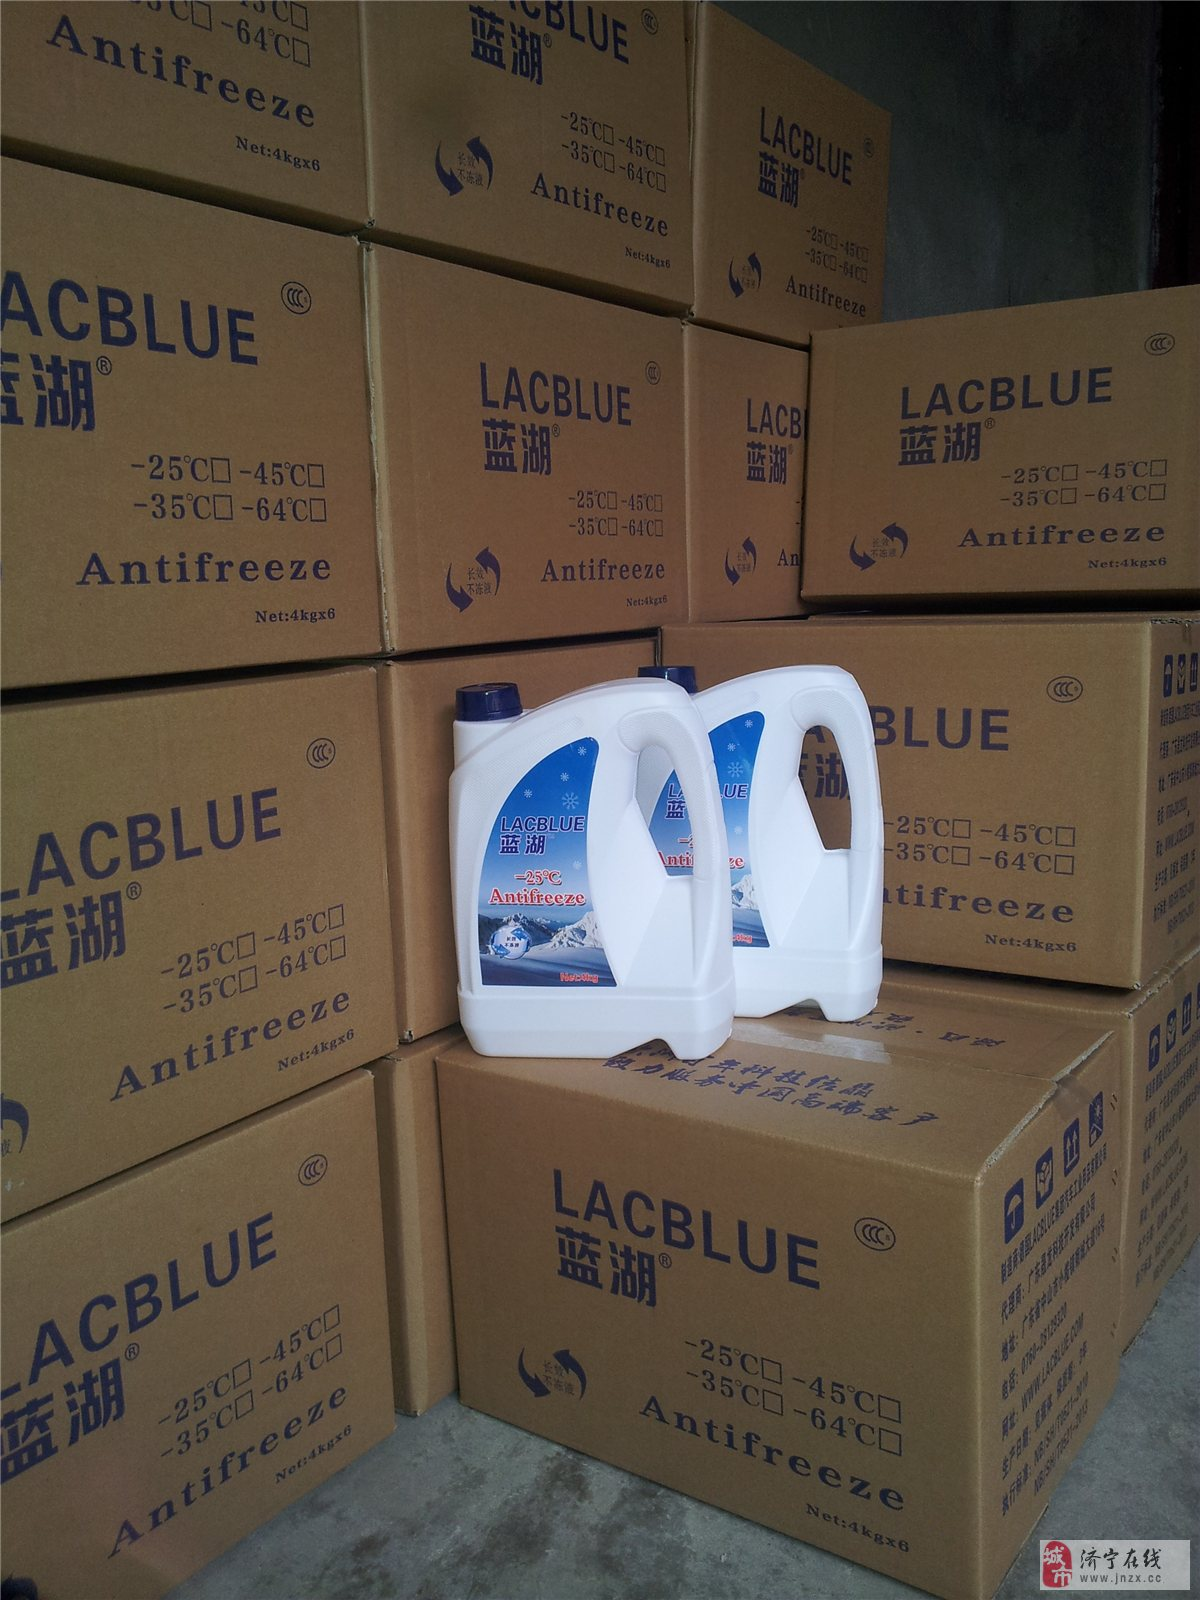 供应德国蓝湖防冻液、强效去污洗手粉、高档玻璃水